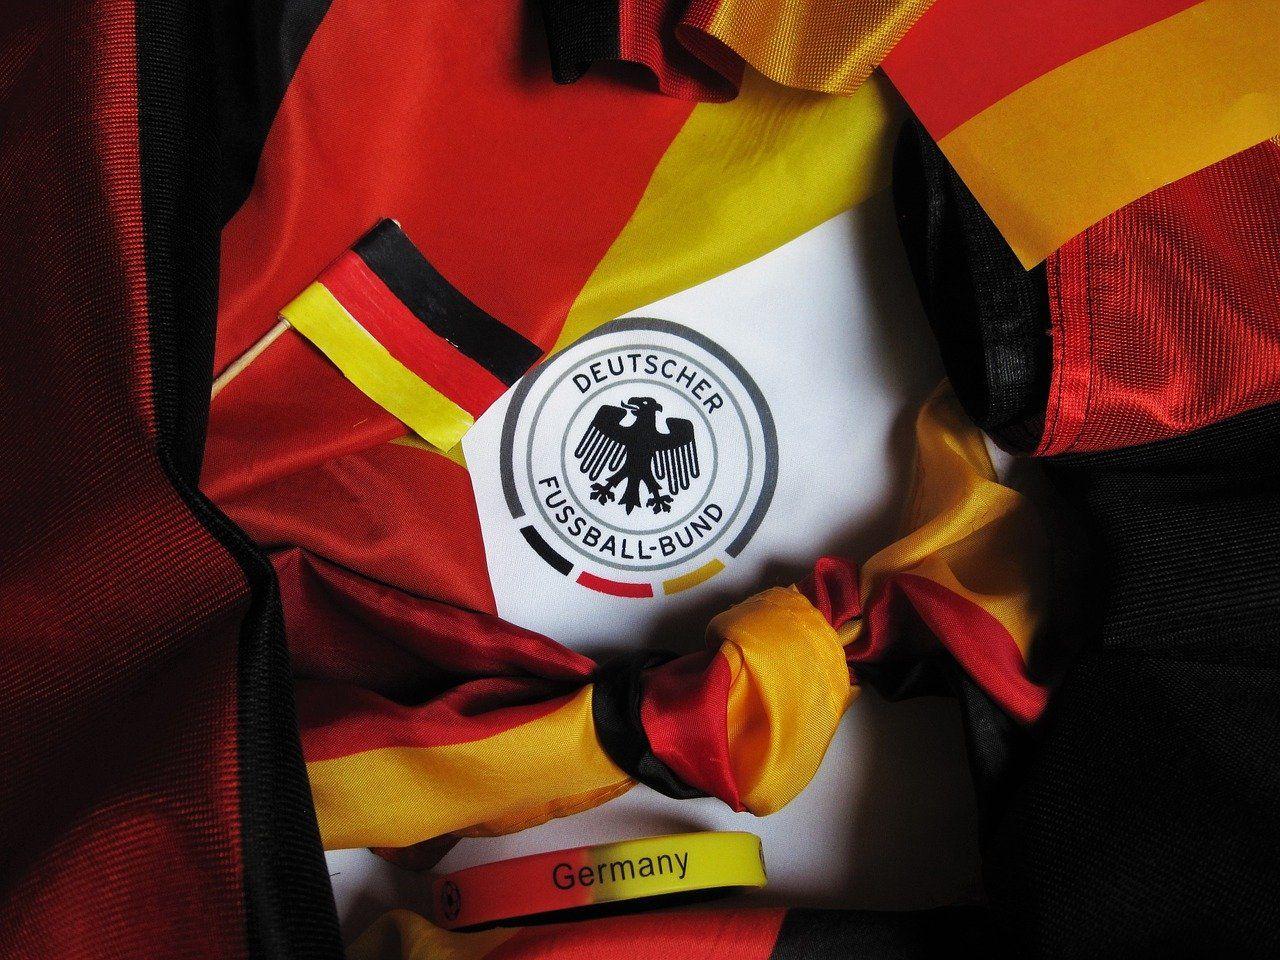 Football Europameisterschaft 1420475 1280